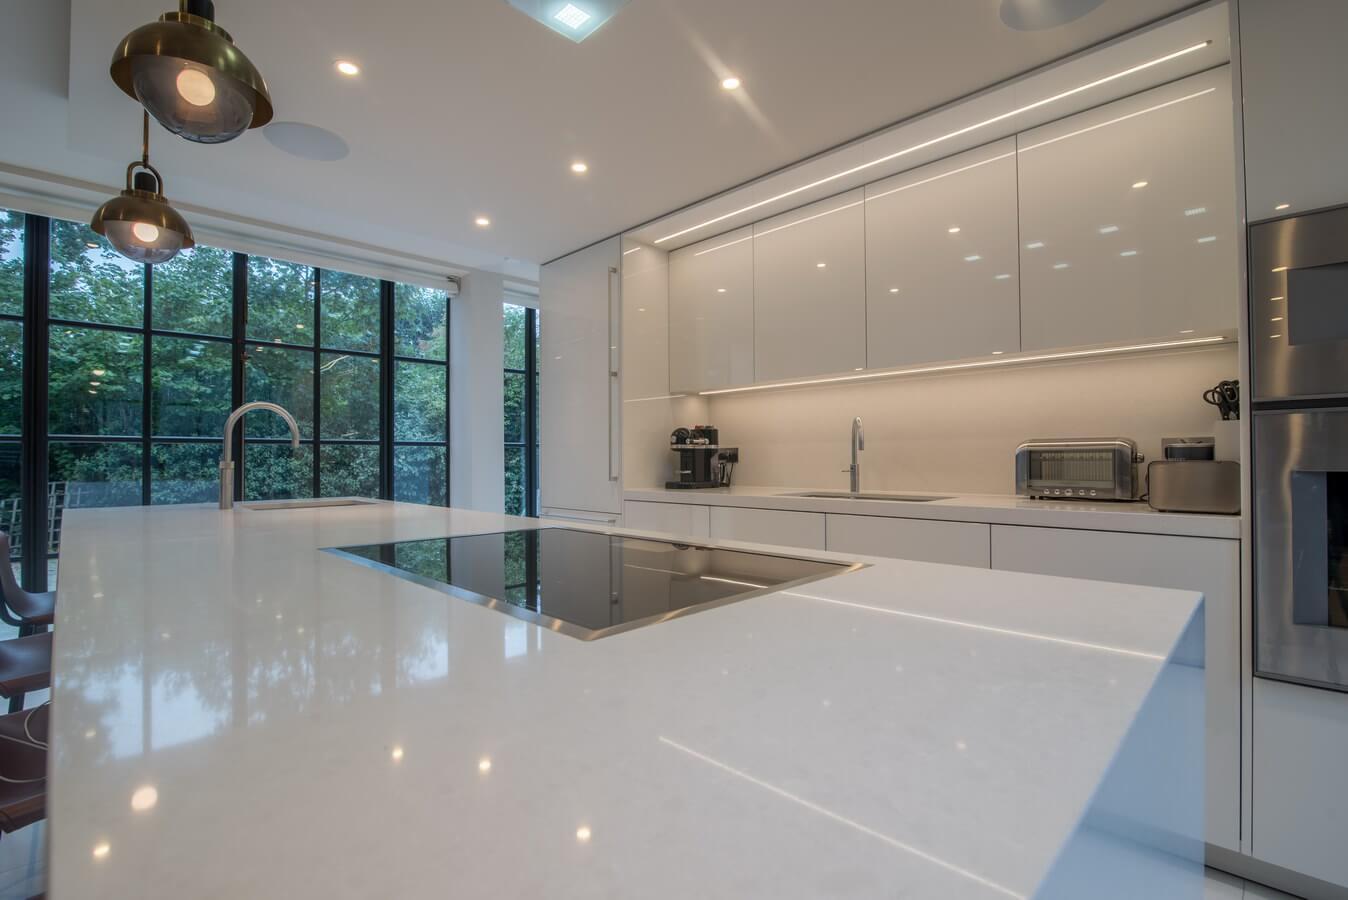 New-Luxury-Warendorf-Kitchen-London.jpg